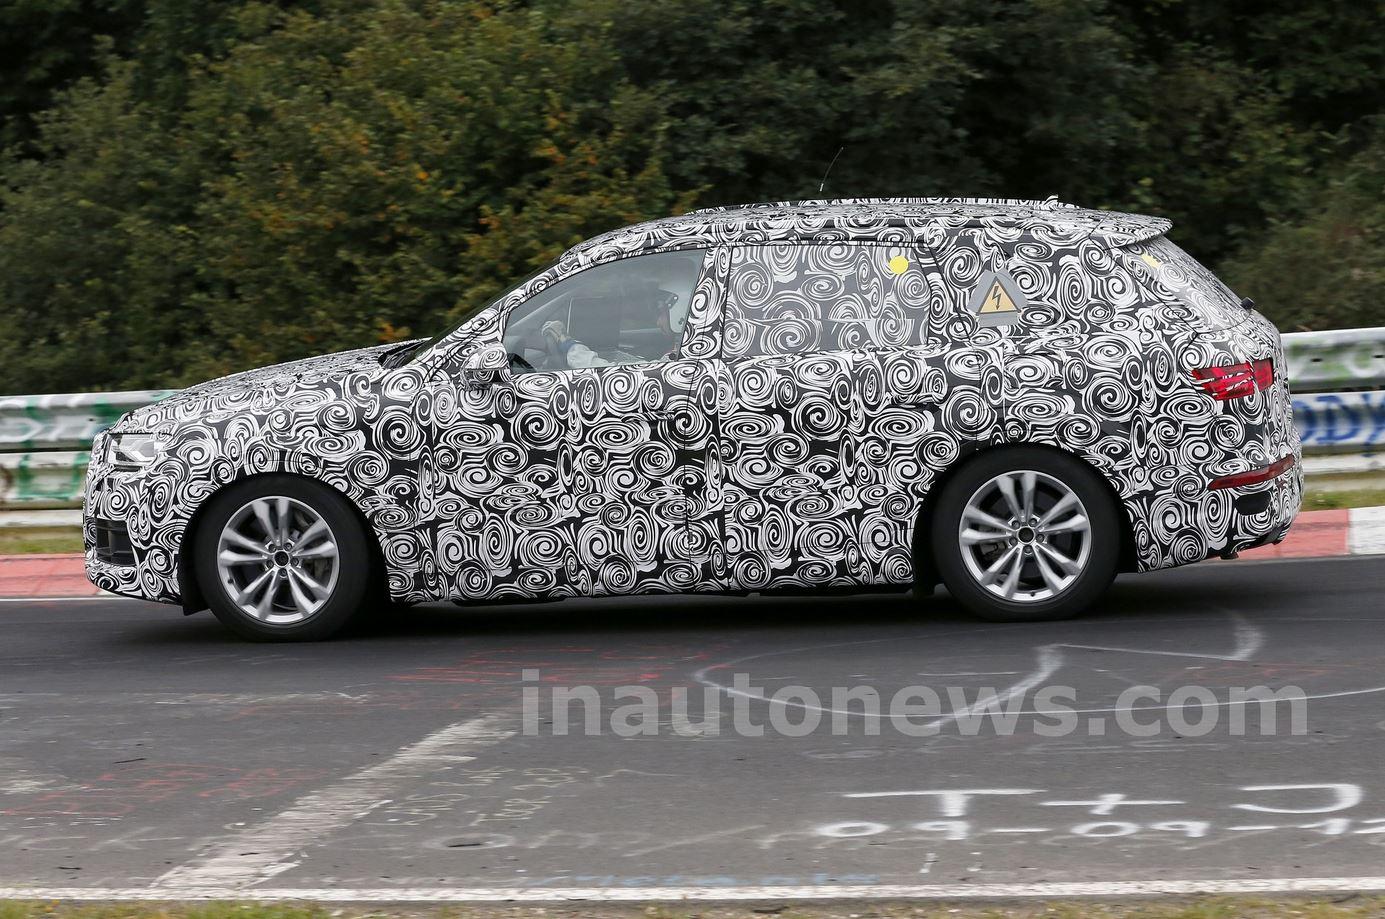 2016 Audi Q7 plug-in hybrid